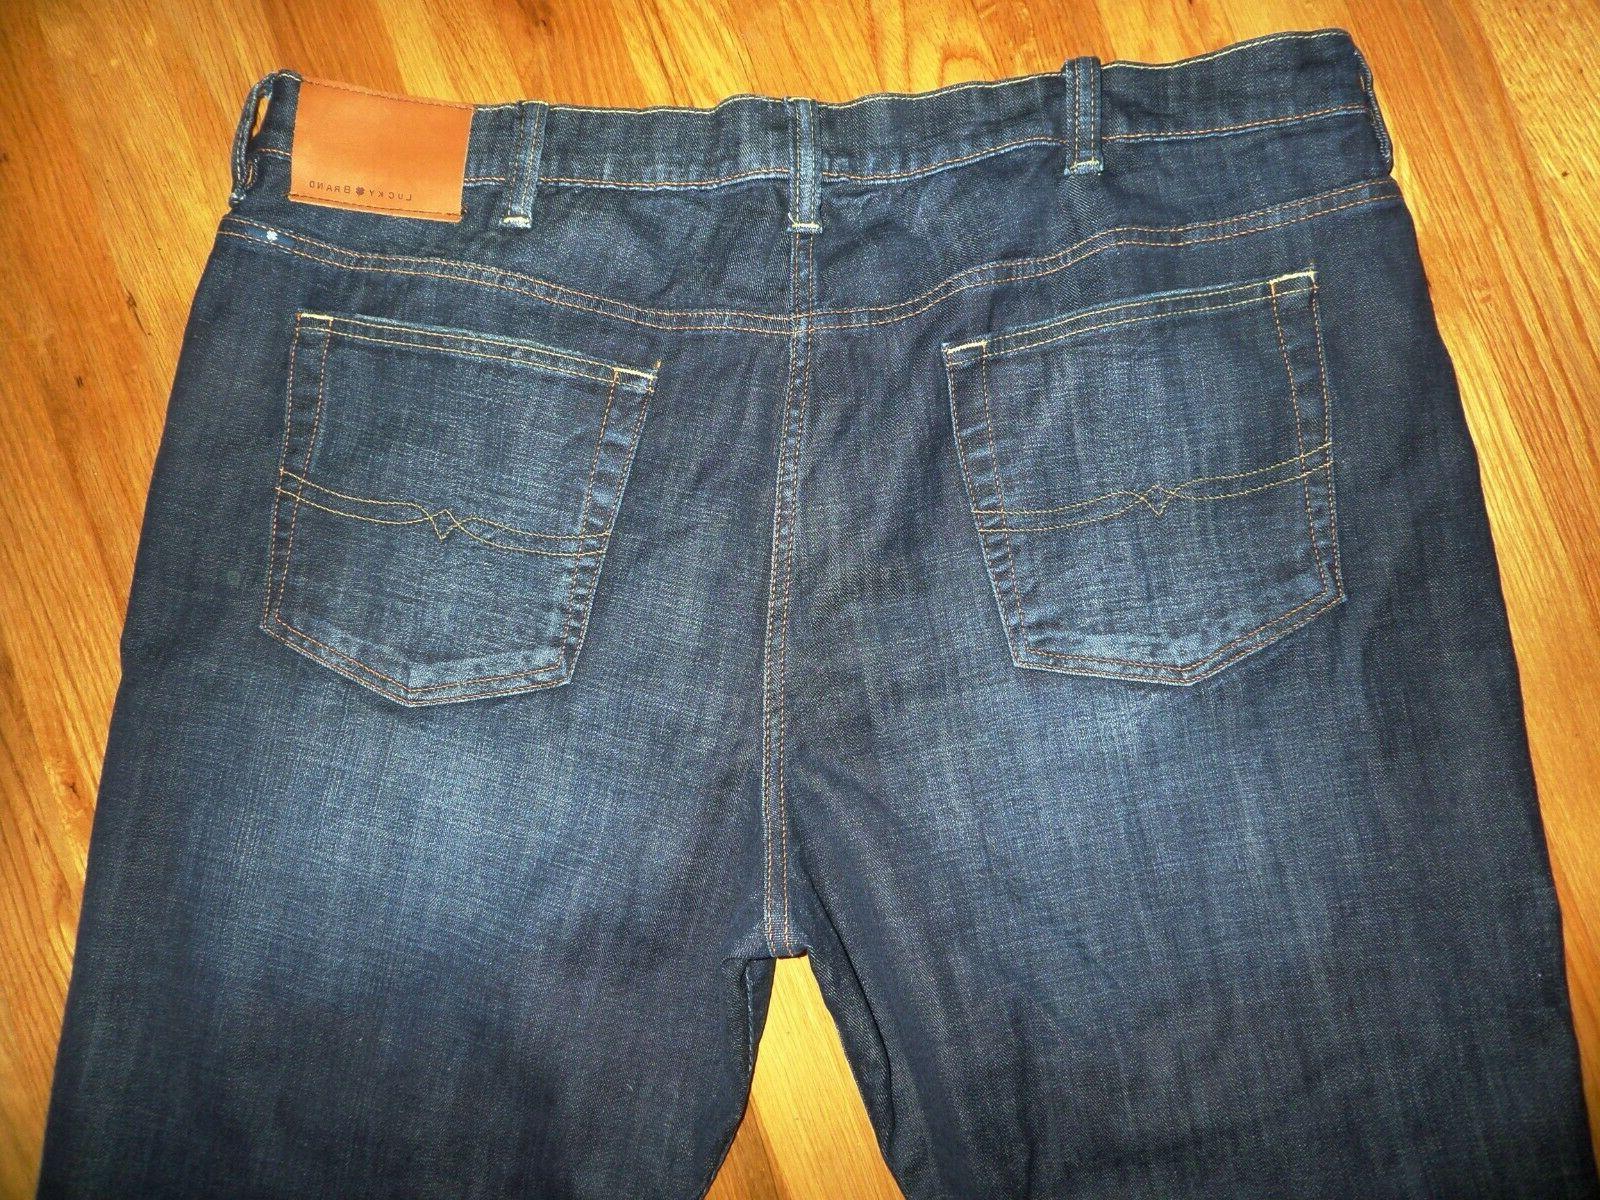 NWOT Men's 181 Straight Jeans 44 34